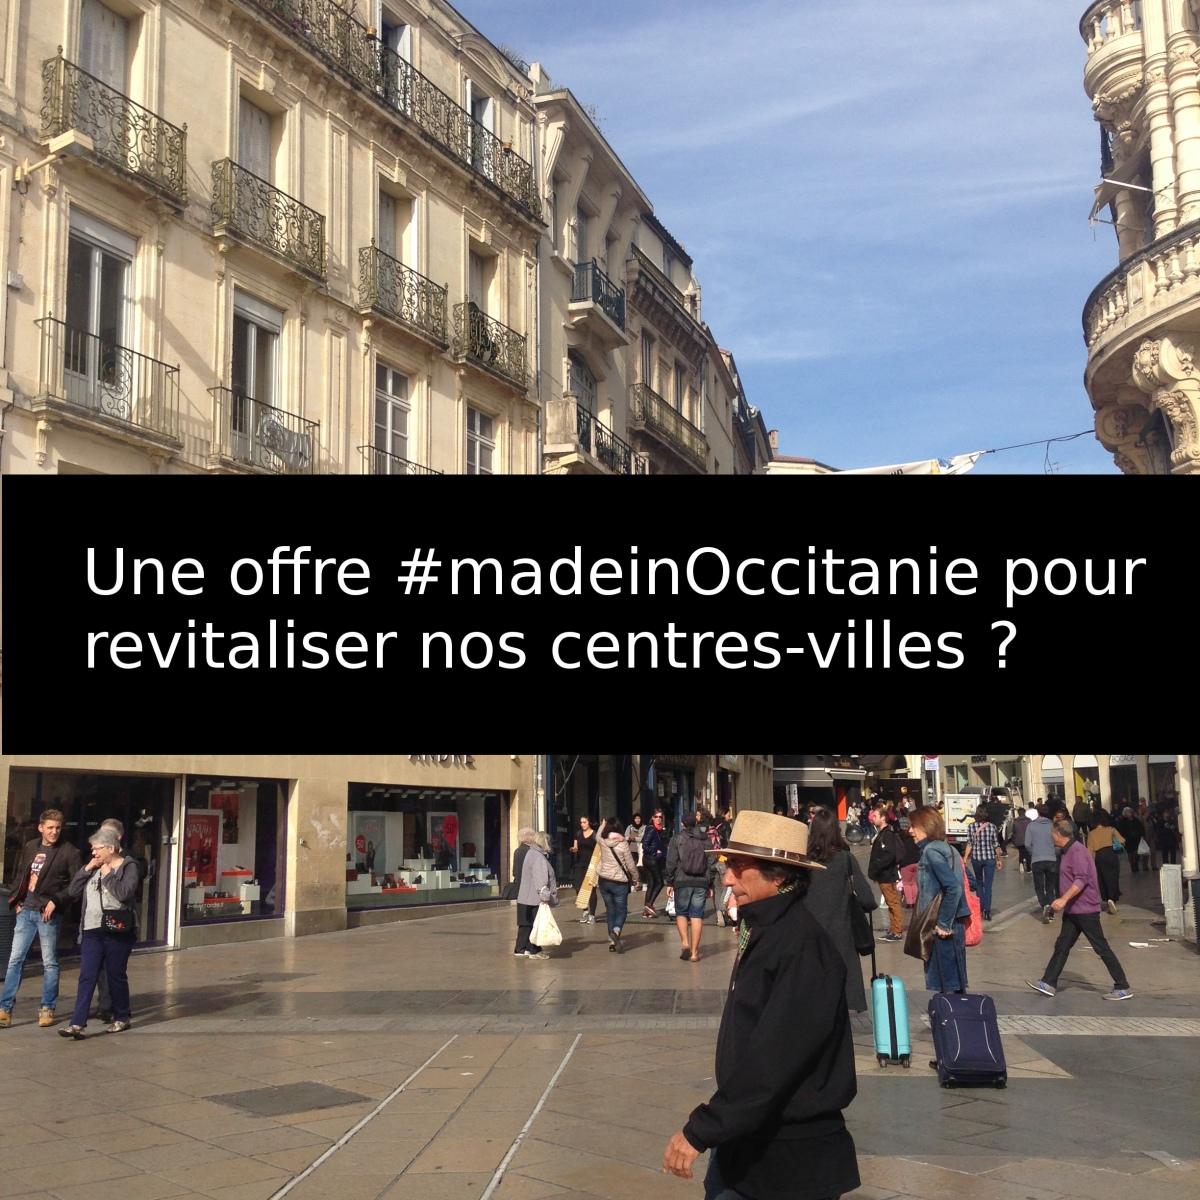 Une offre made in Occitanie peut-elle revitaliser nos centres villes?